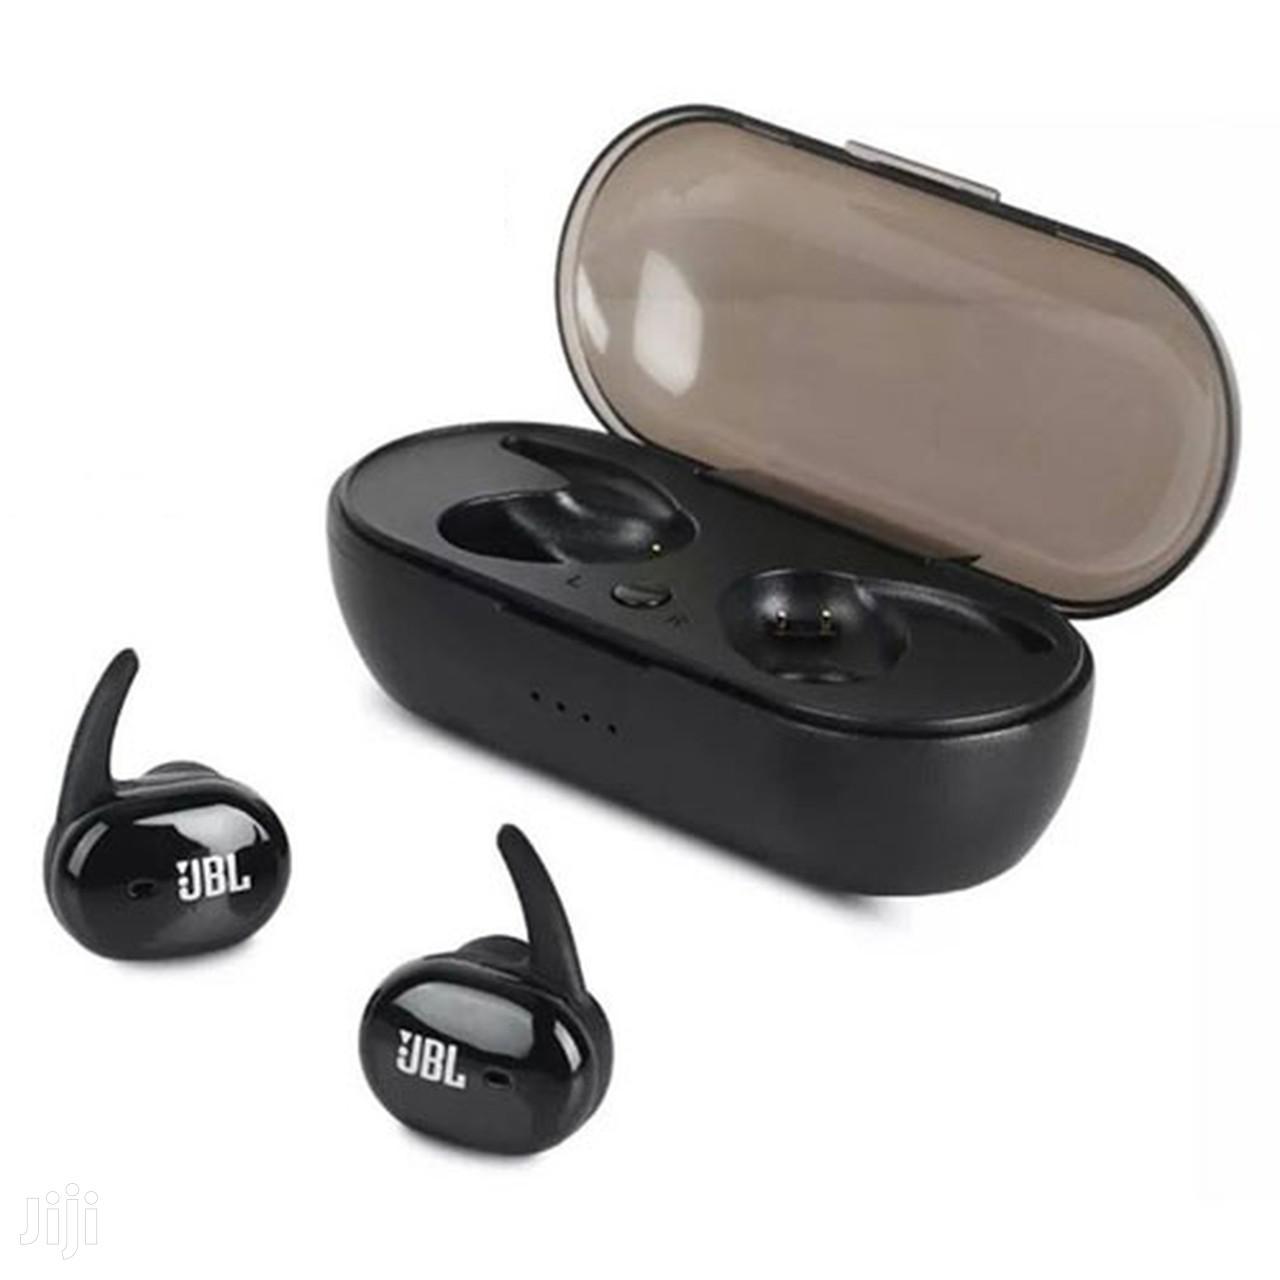 Jbl Bluetooth Headsets